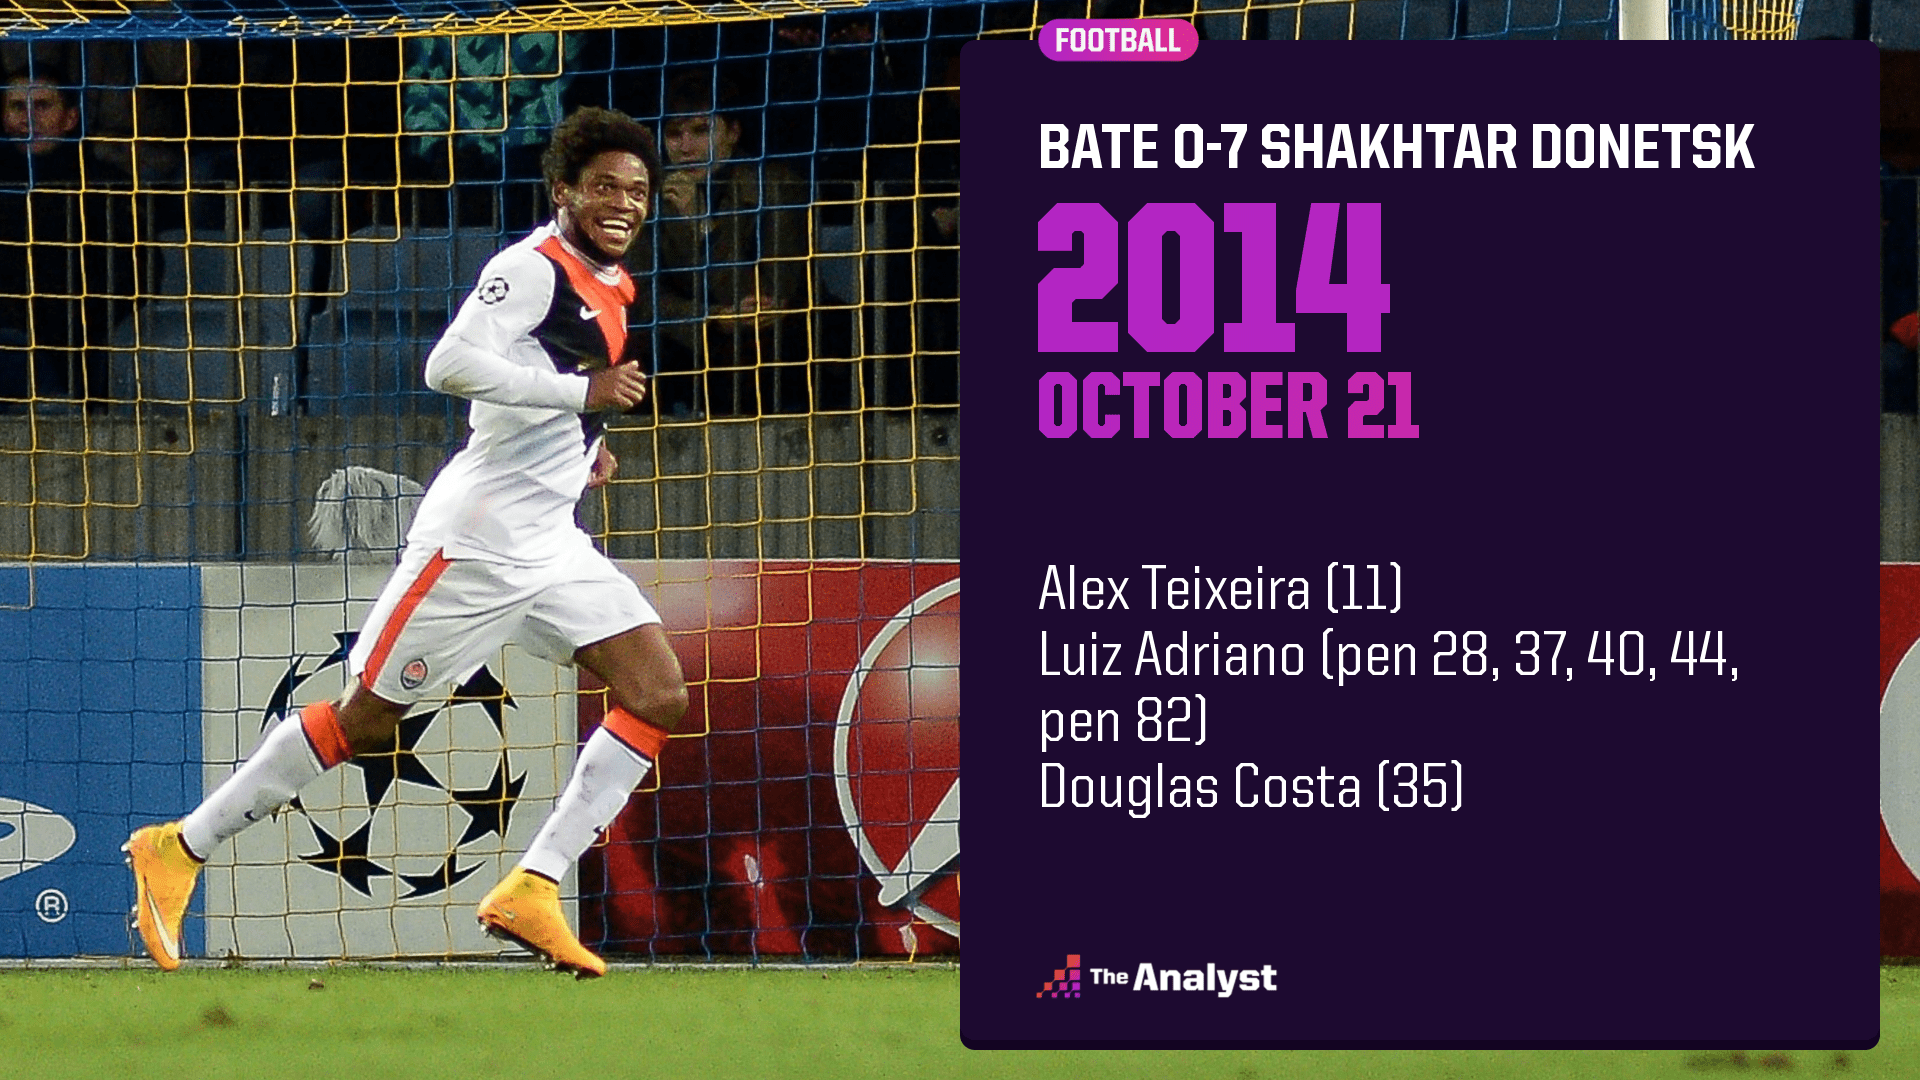 Bate 0-7 Shakhtar